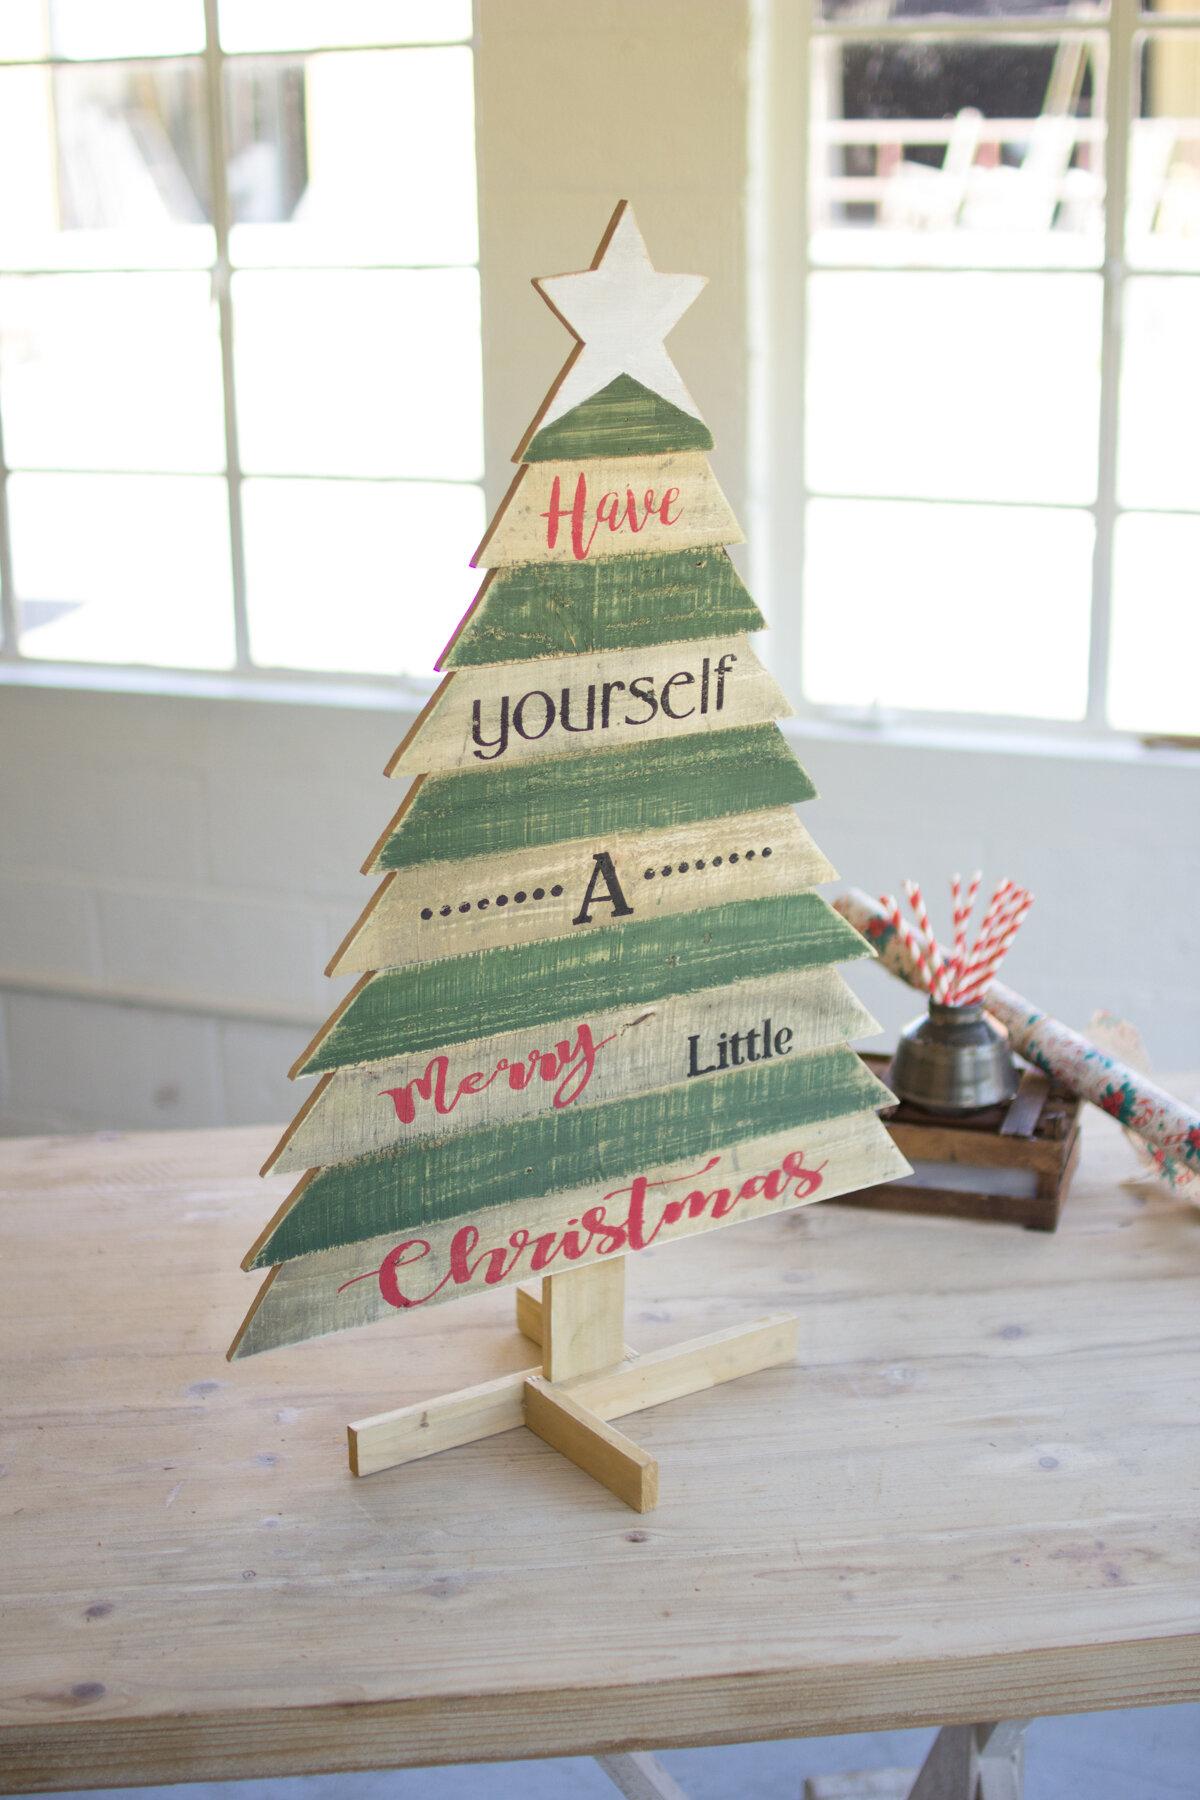 Wooden Christmas Trees.Wooden Christmas Tree With Saying